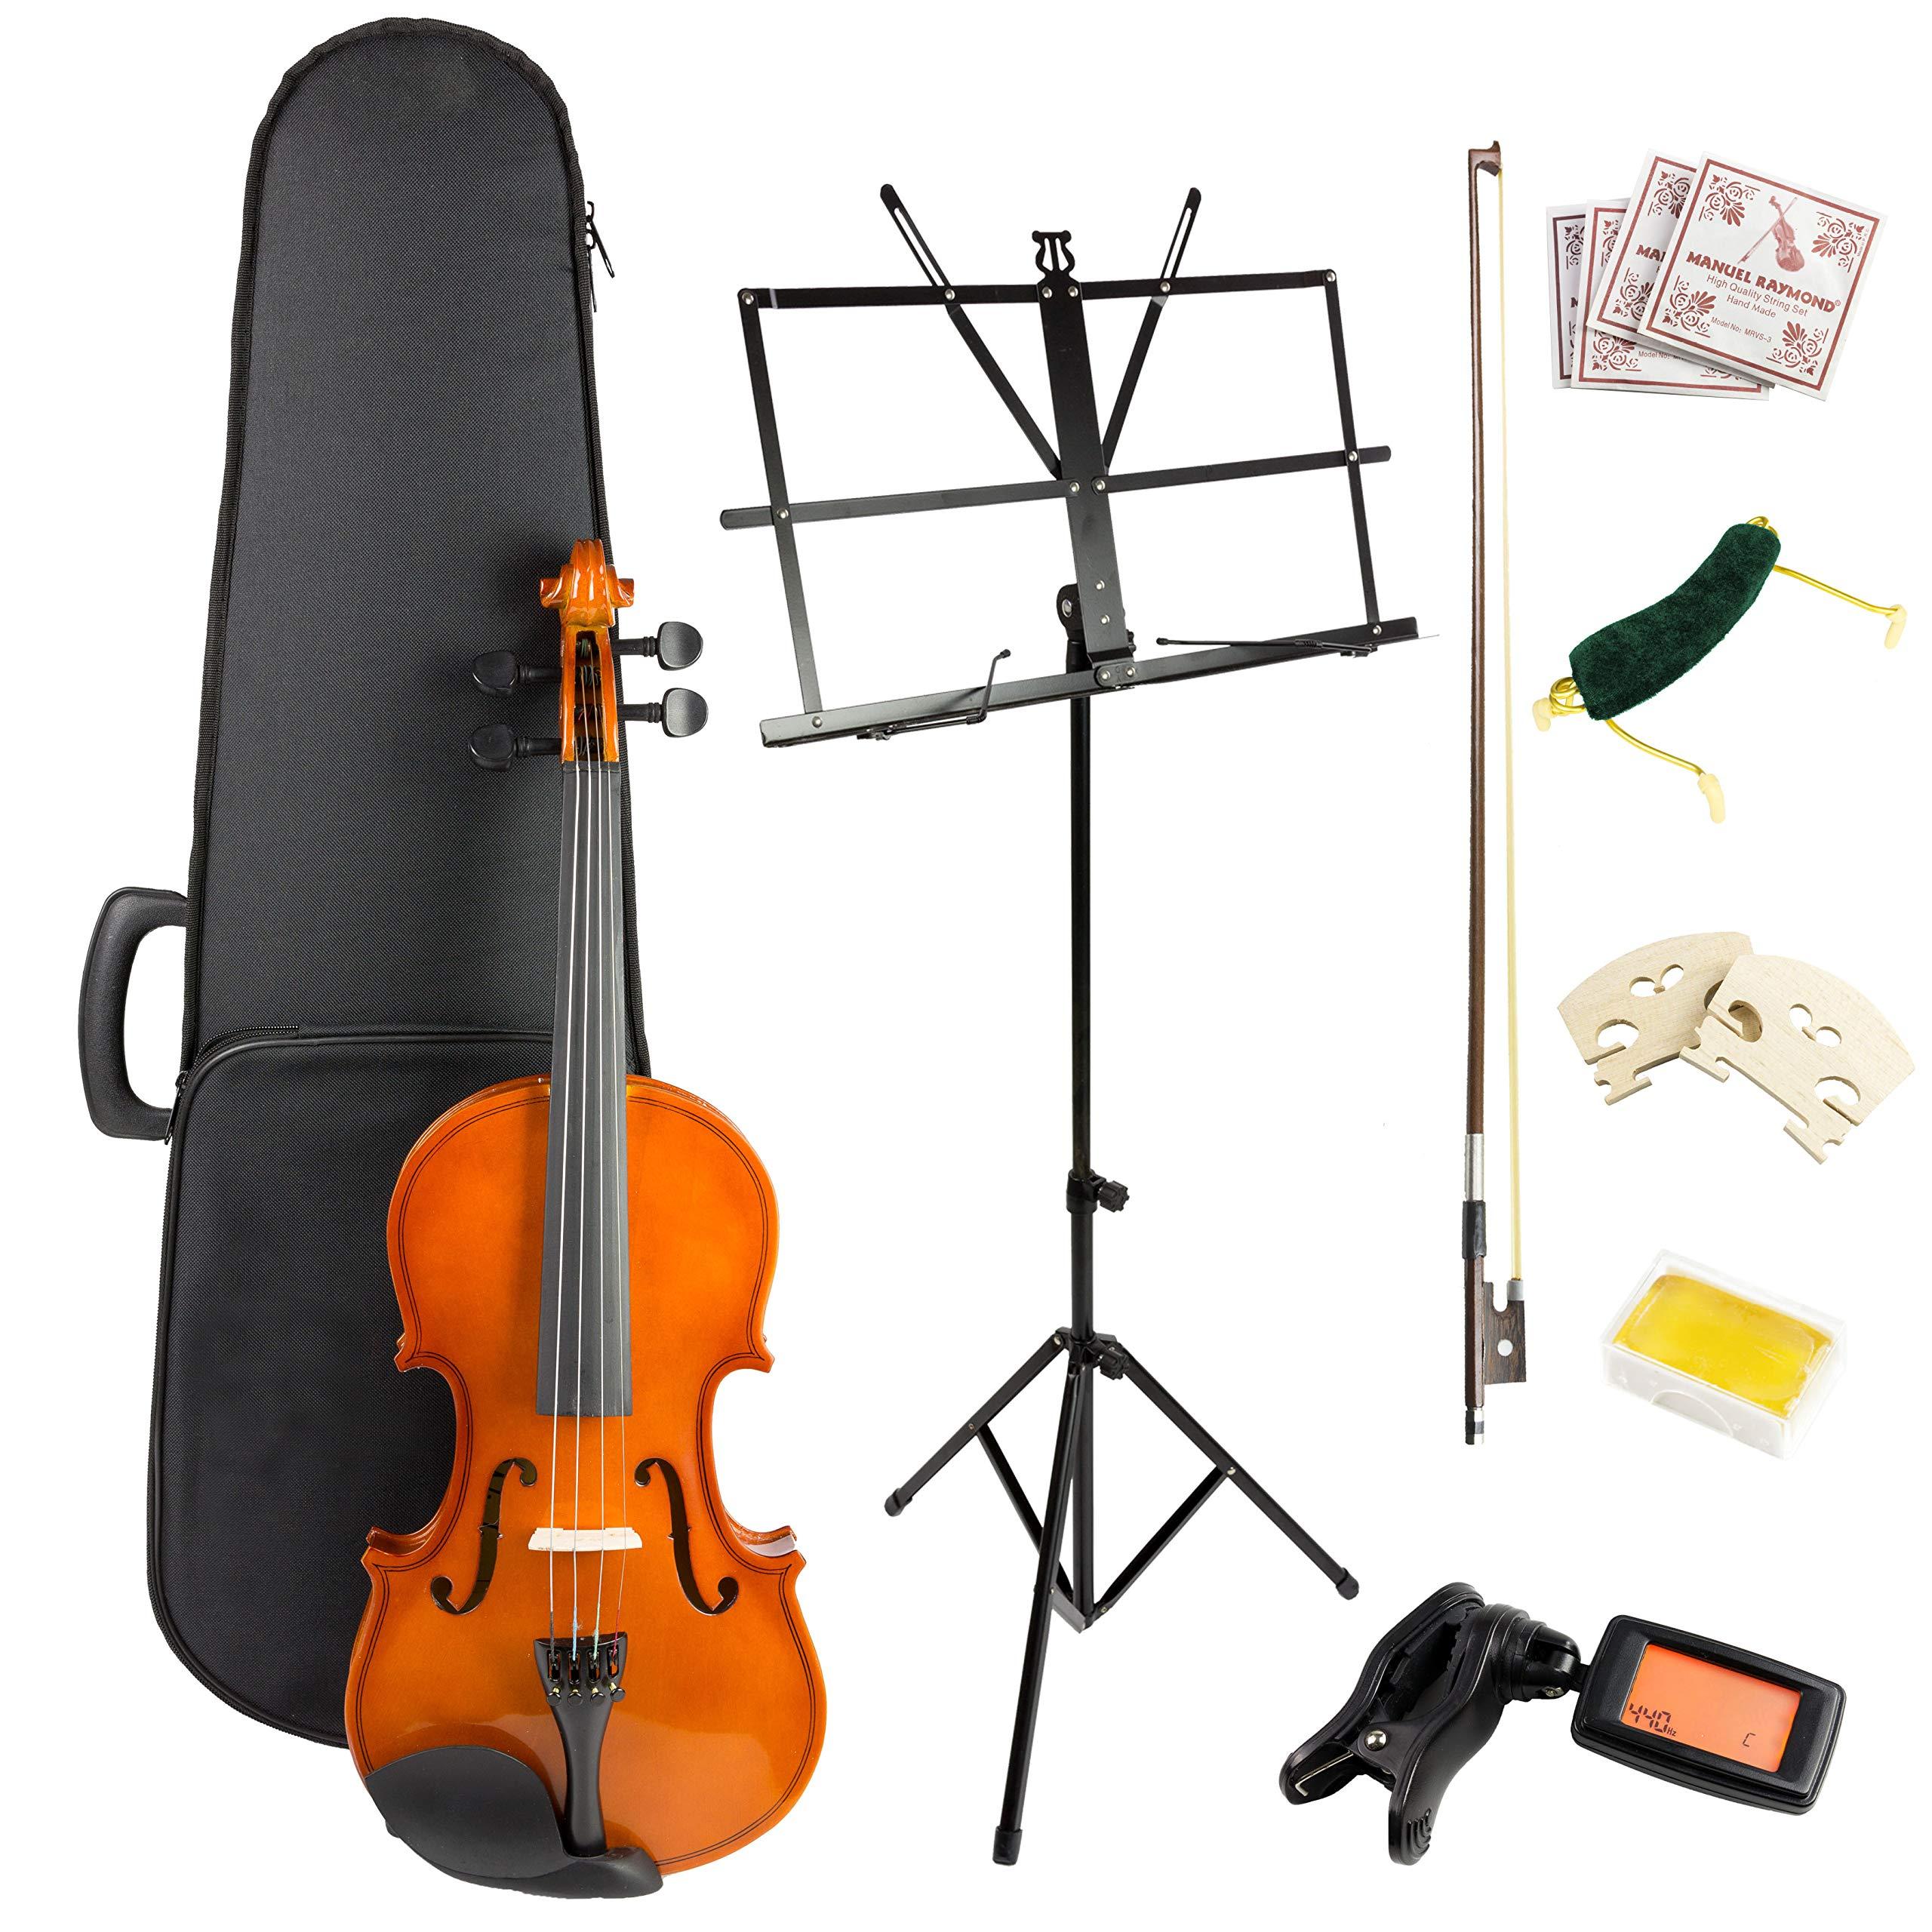 Windsor 4 Violin Super Kit, includes Case, Bow, 2xRosin 2X Bridge, spare Strings, Digital tuner, Music Stand & Shoulder Rest (VIOLINSK44) by Windsor